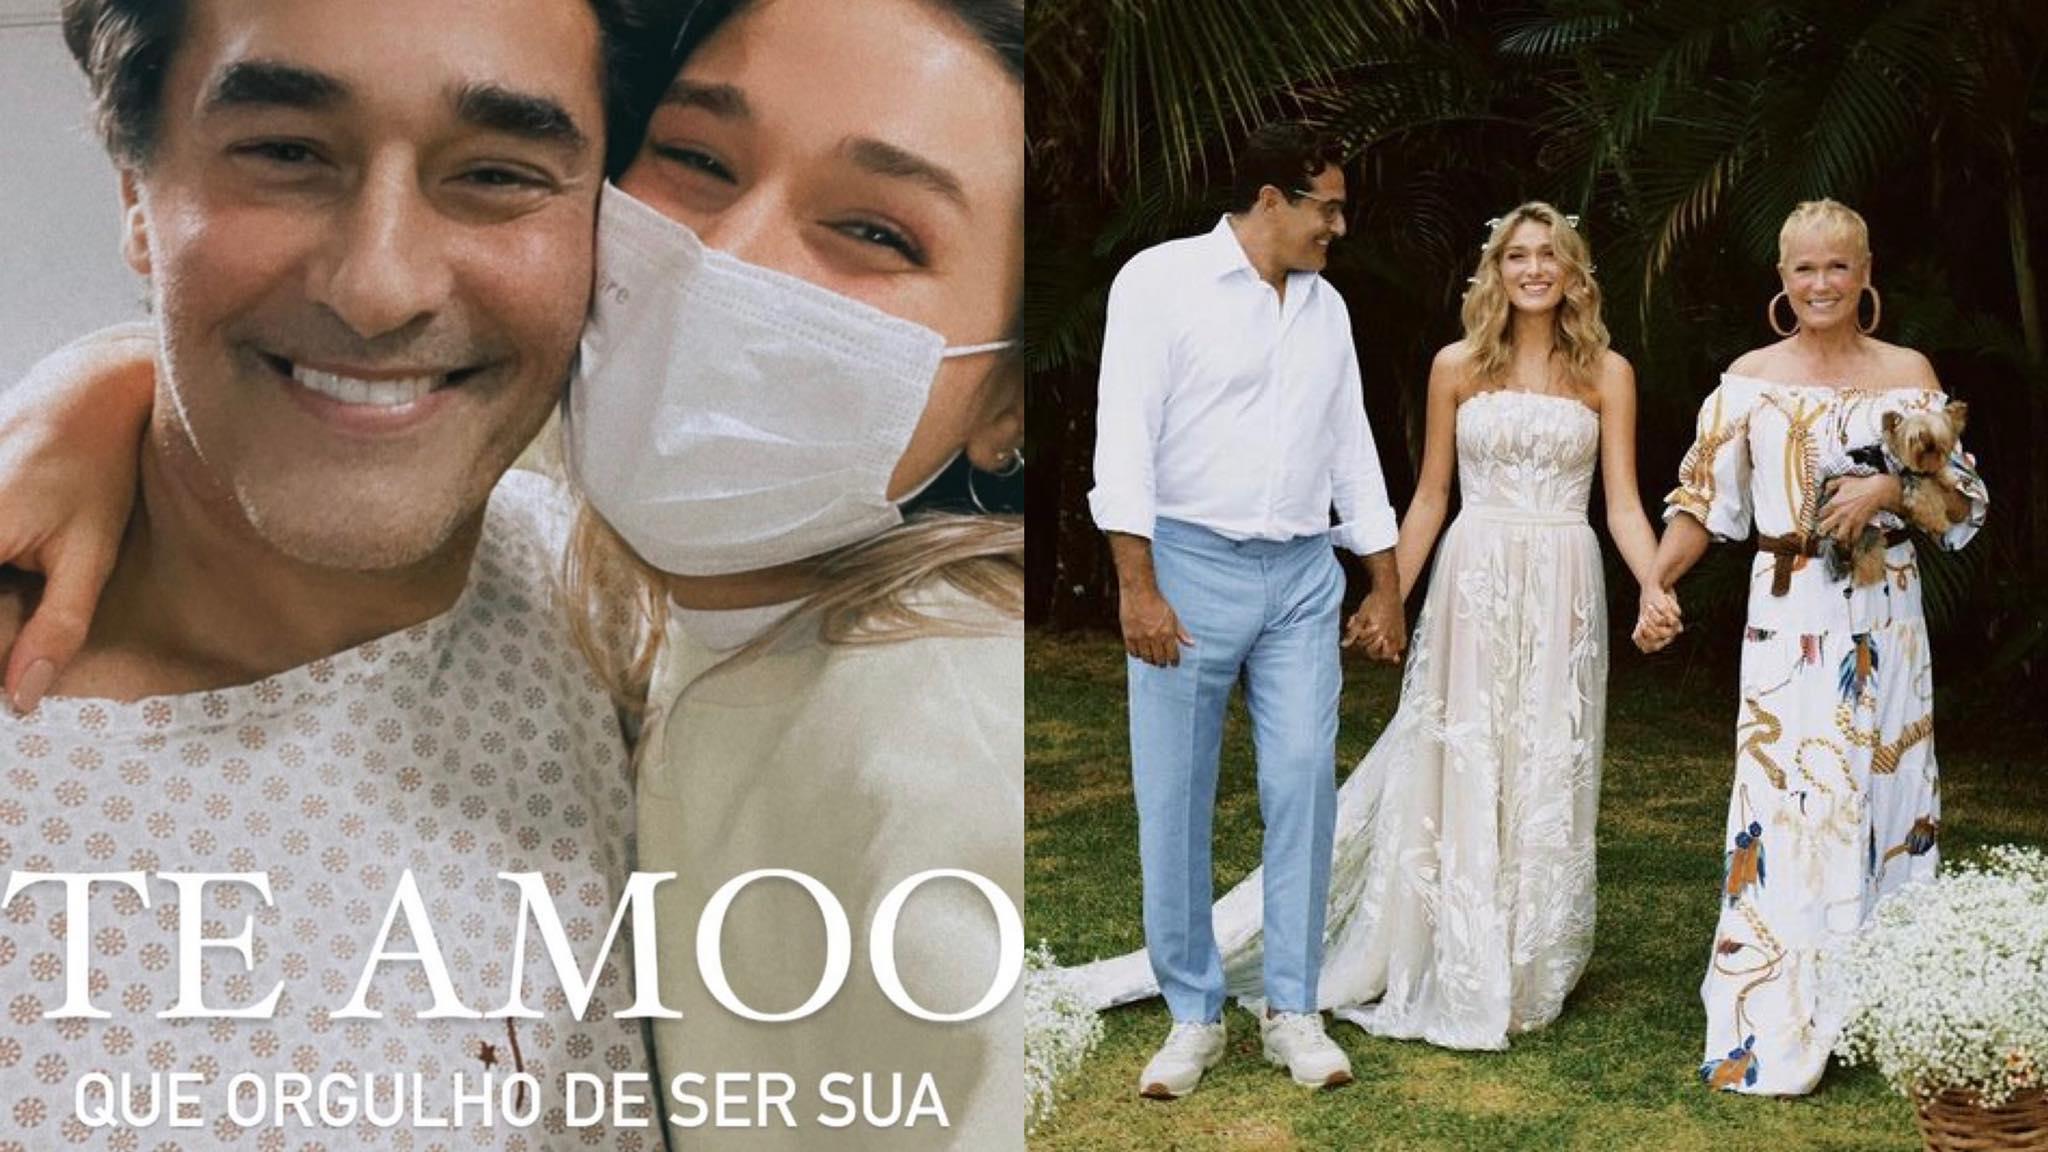 Luciano Szafir apresenta melhora, sai da UTI e recebe homenagem da filha, Sasha. Fonte: Instagram